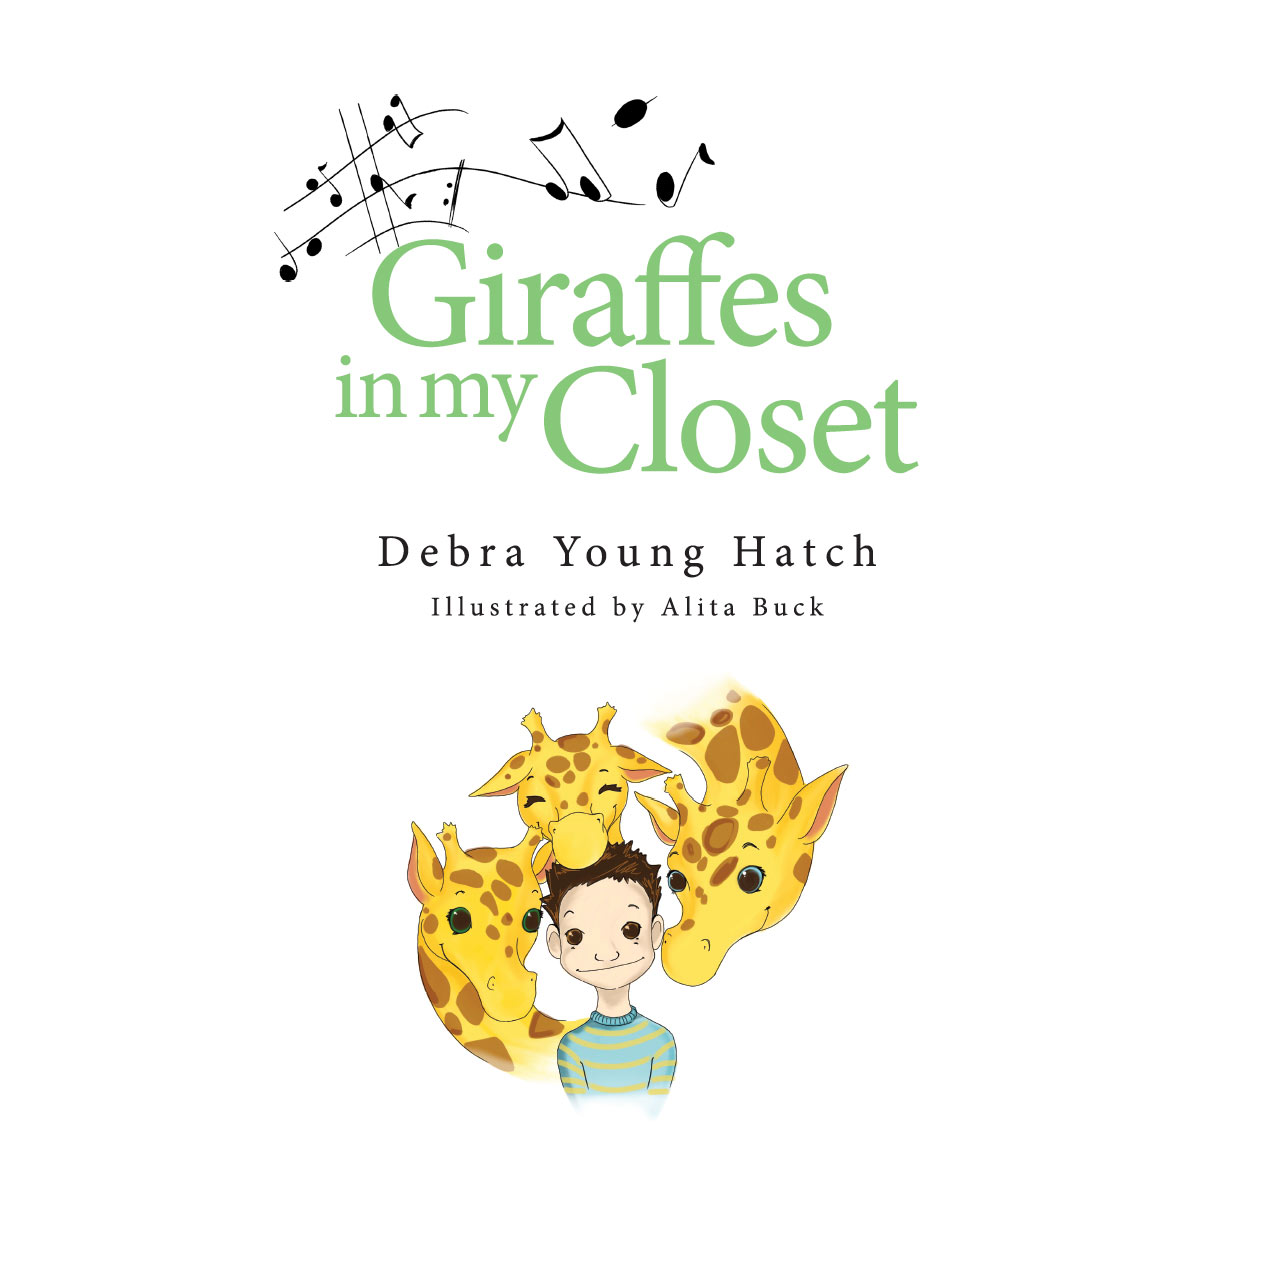 Giraffes in my Closet inside cover